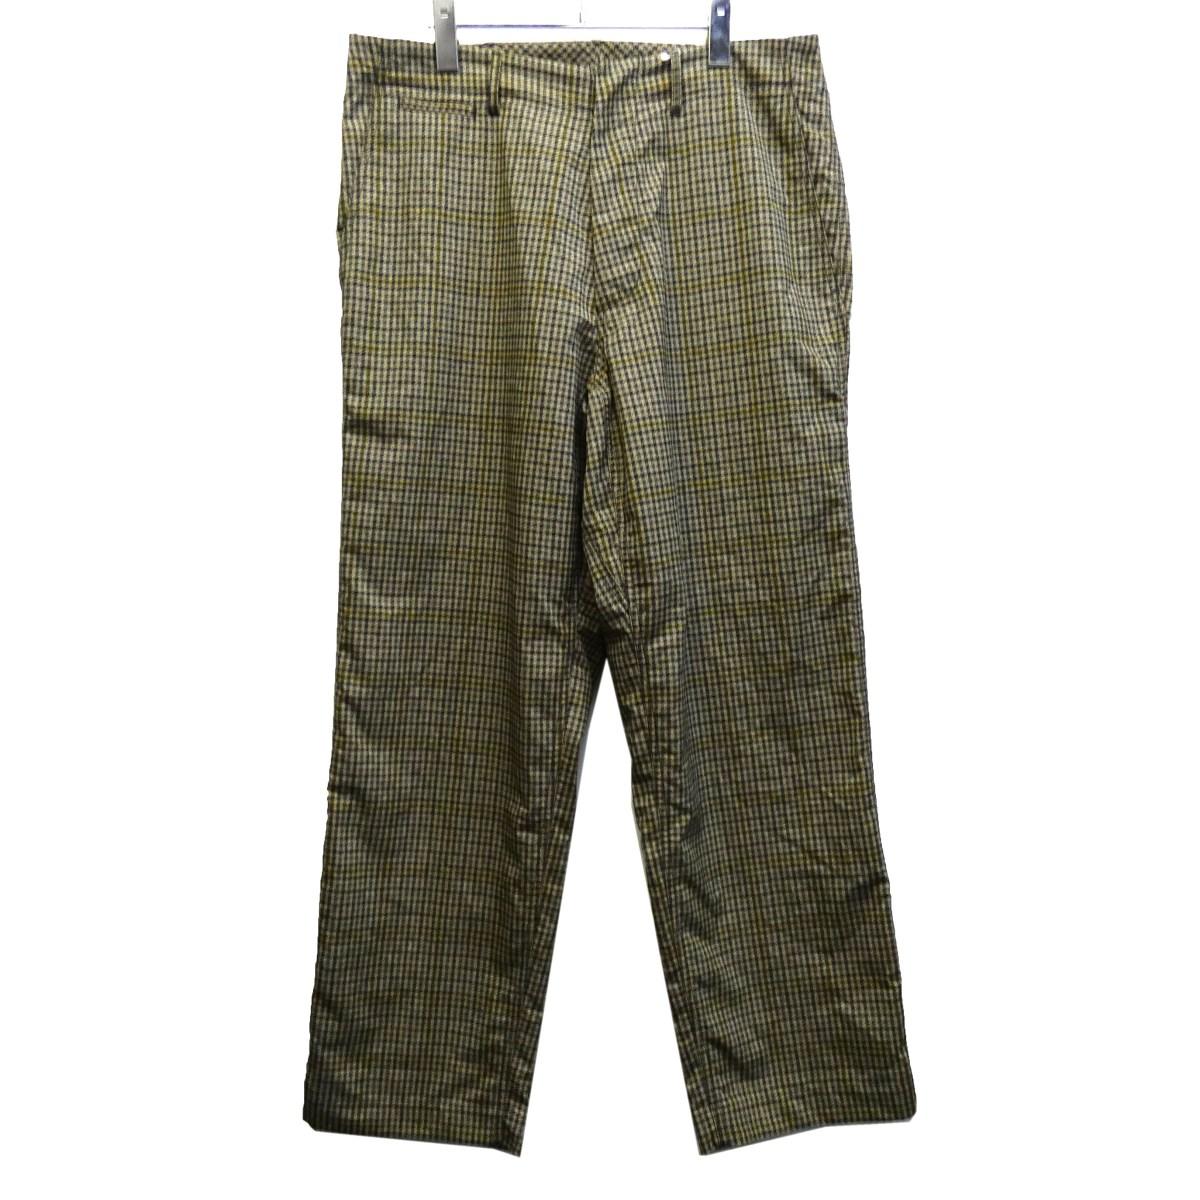 【中古】nanamica 「ALPHADRY CLUB PANTS」 チェックワイドパンツ ベージュ サイズ:34 【200320】(ナナミカ)